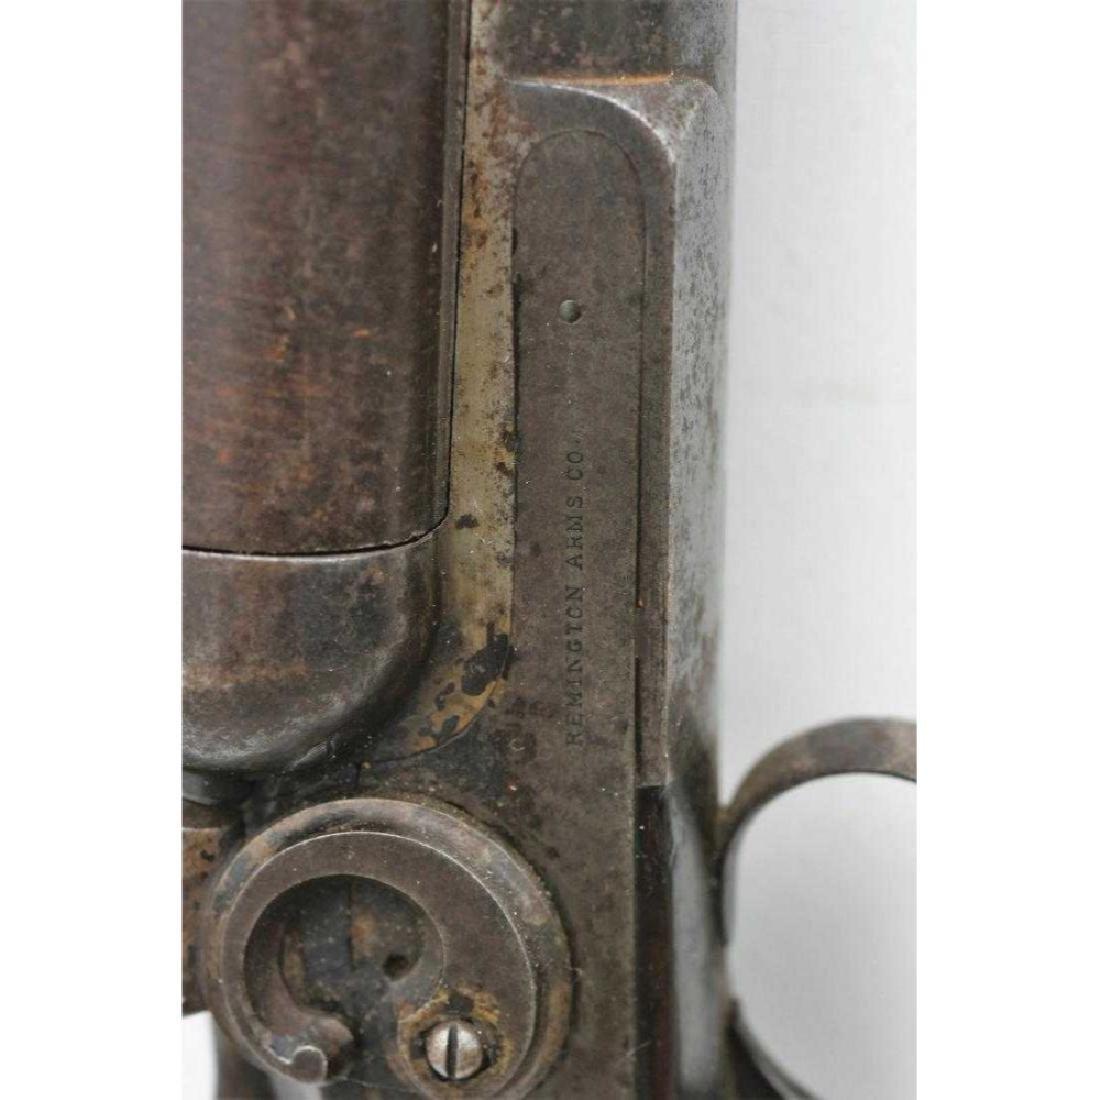 Remington 10 Gauge 1889 Arms Co. Double Barrel - 4